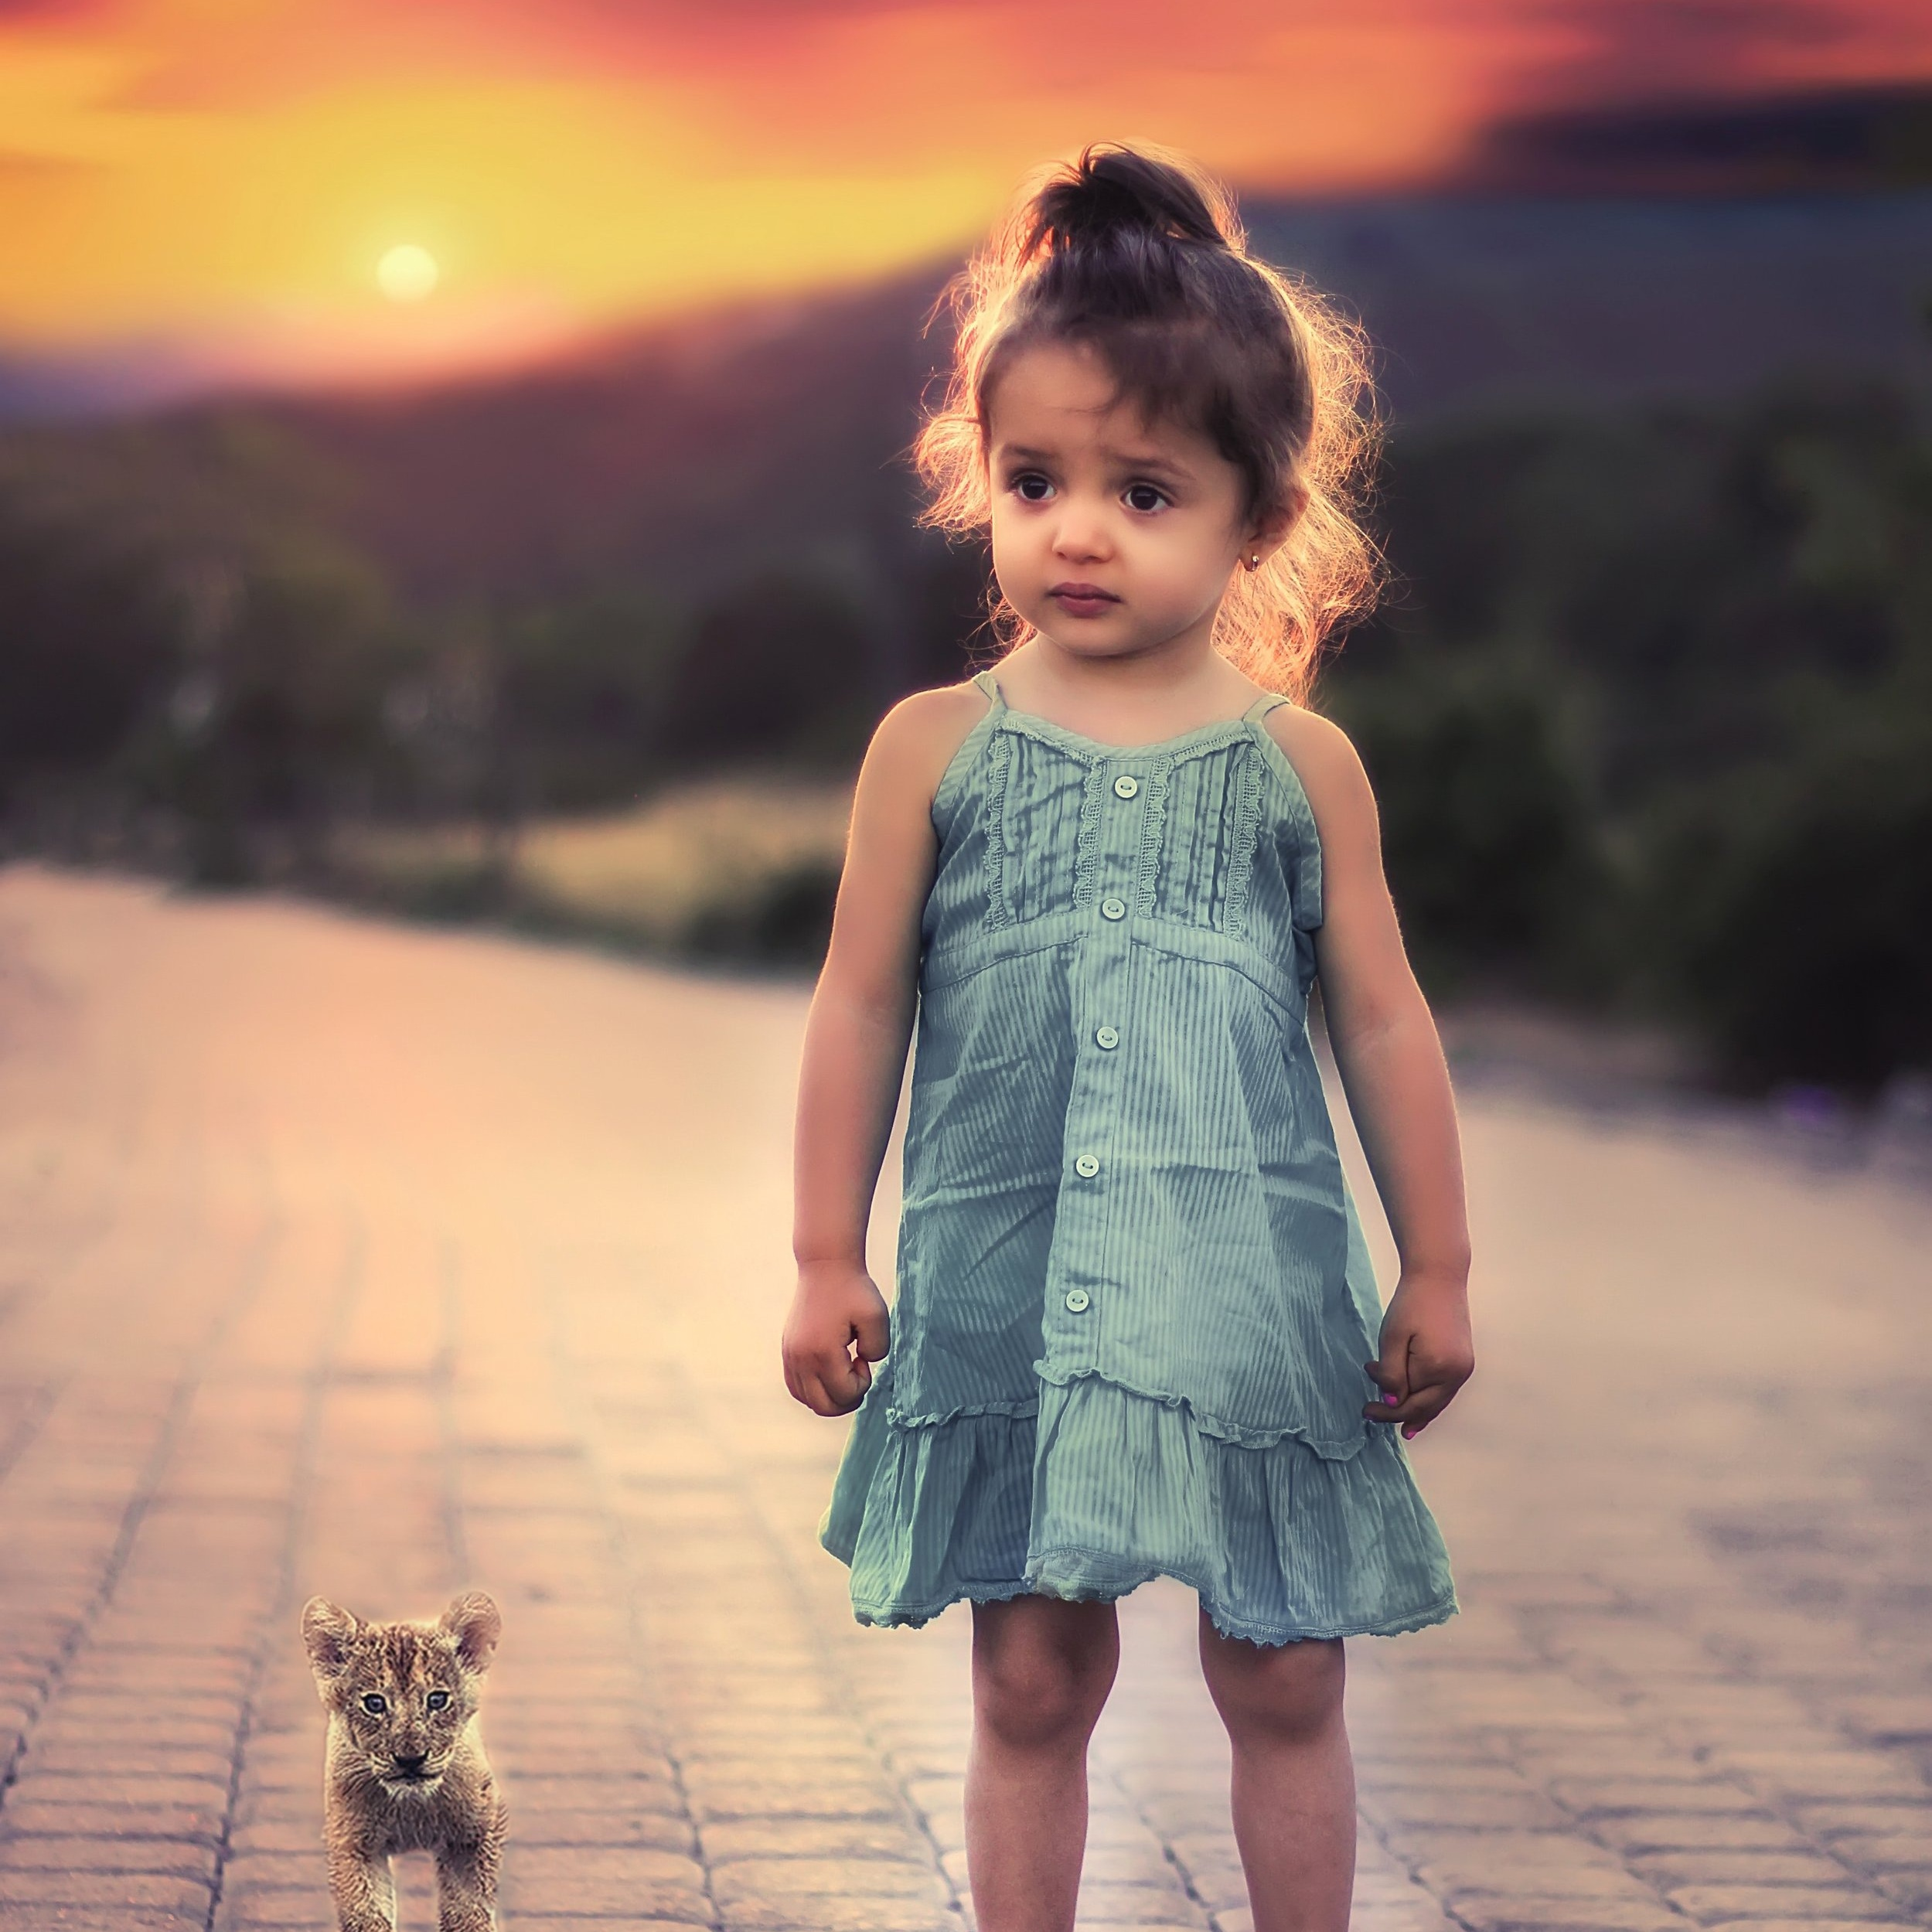 child-girl-little-36483.jpg